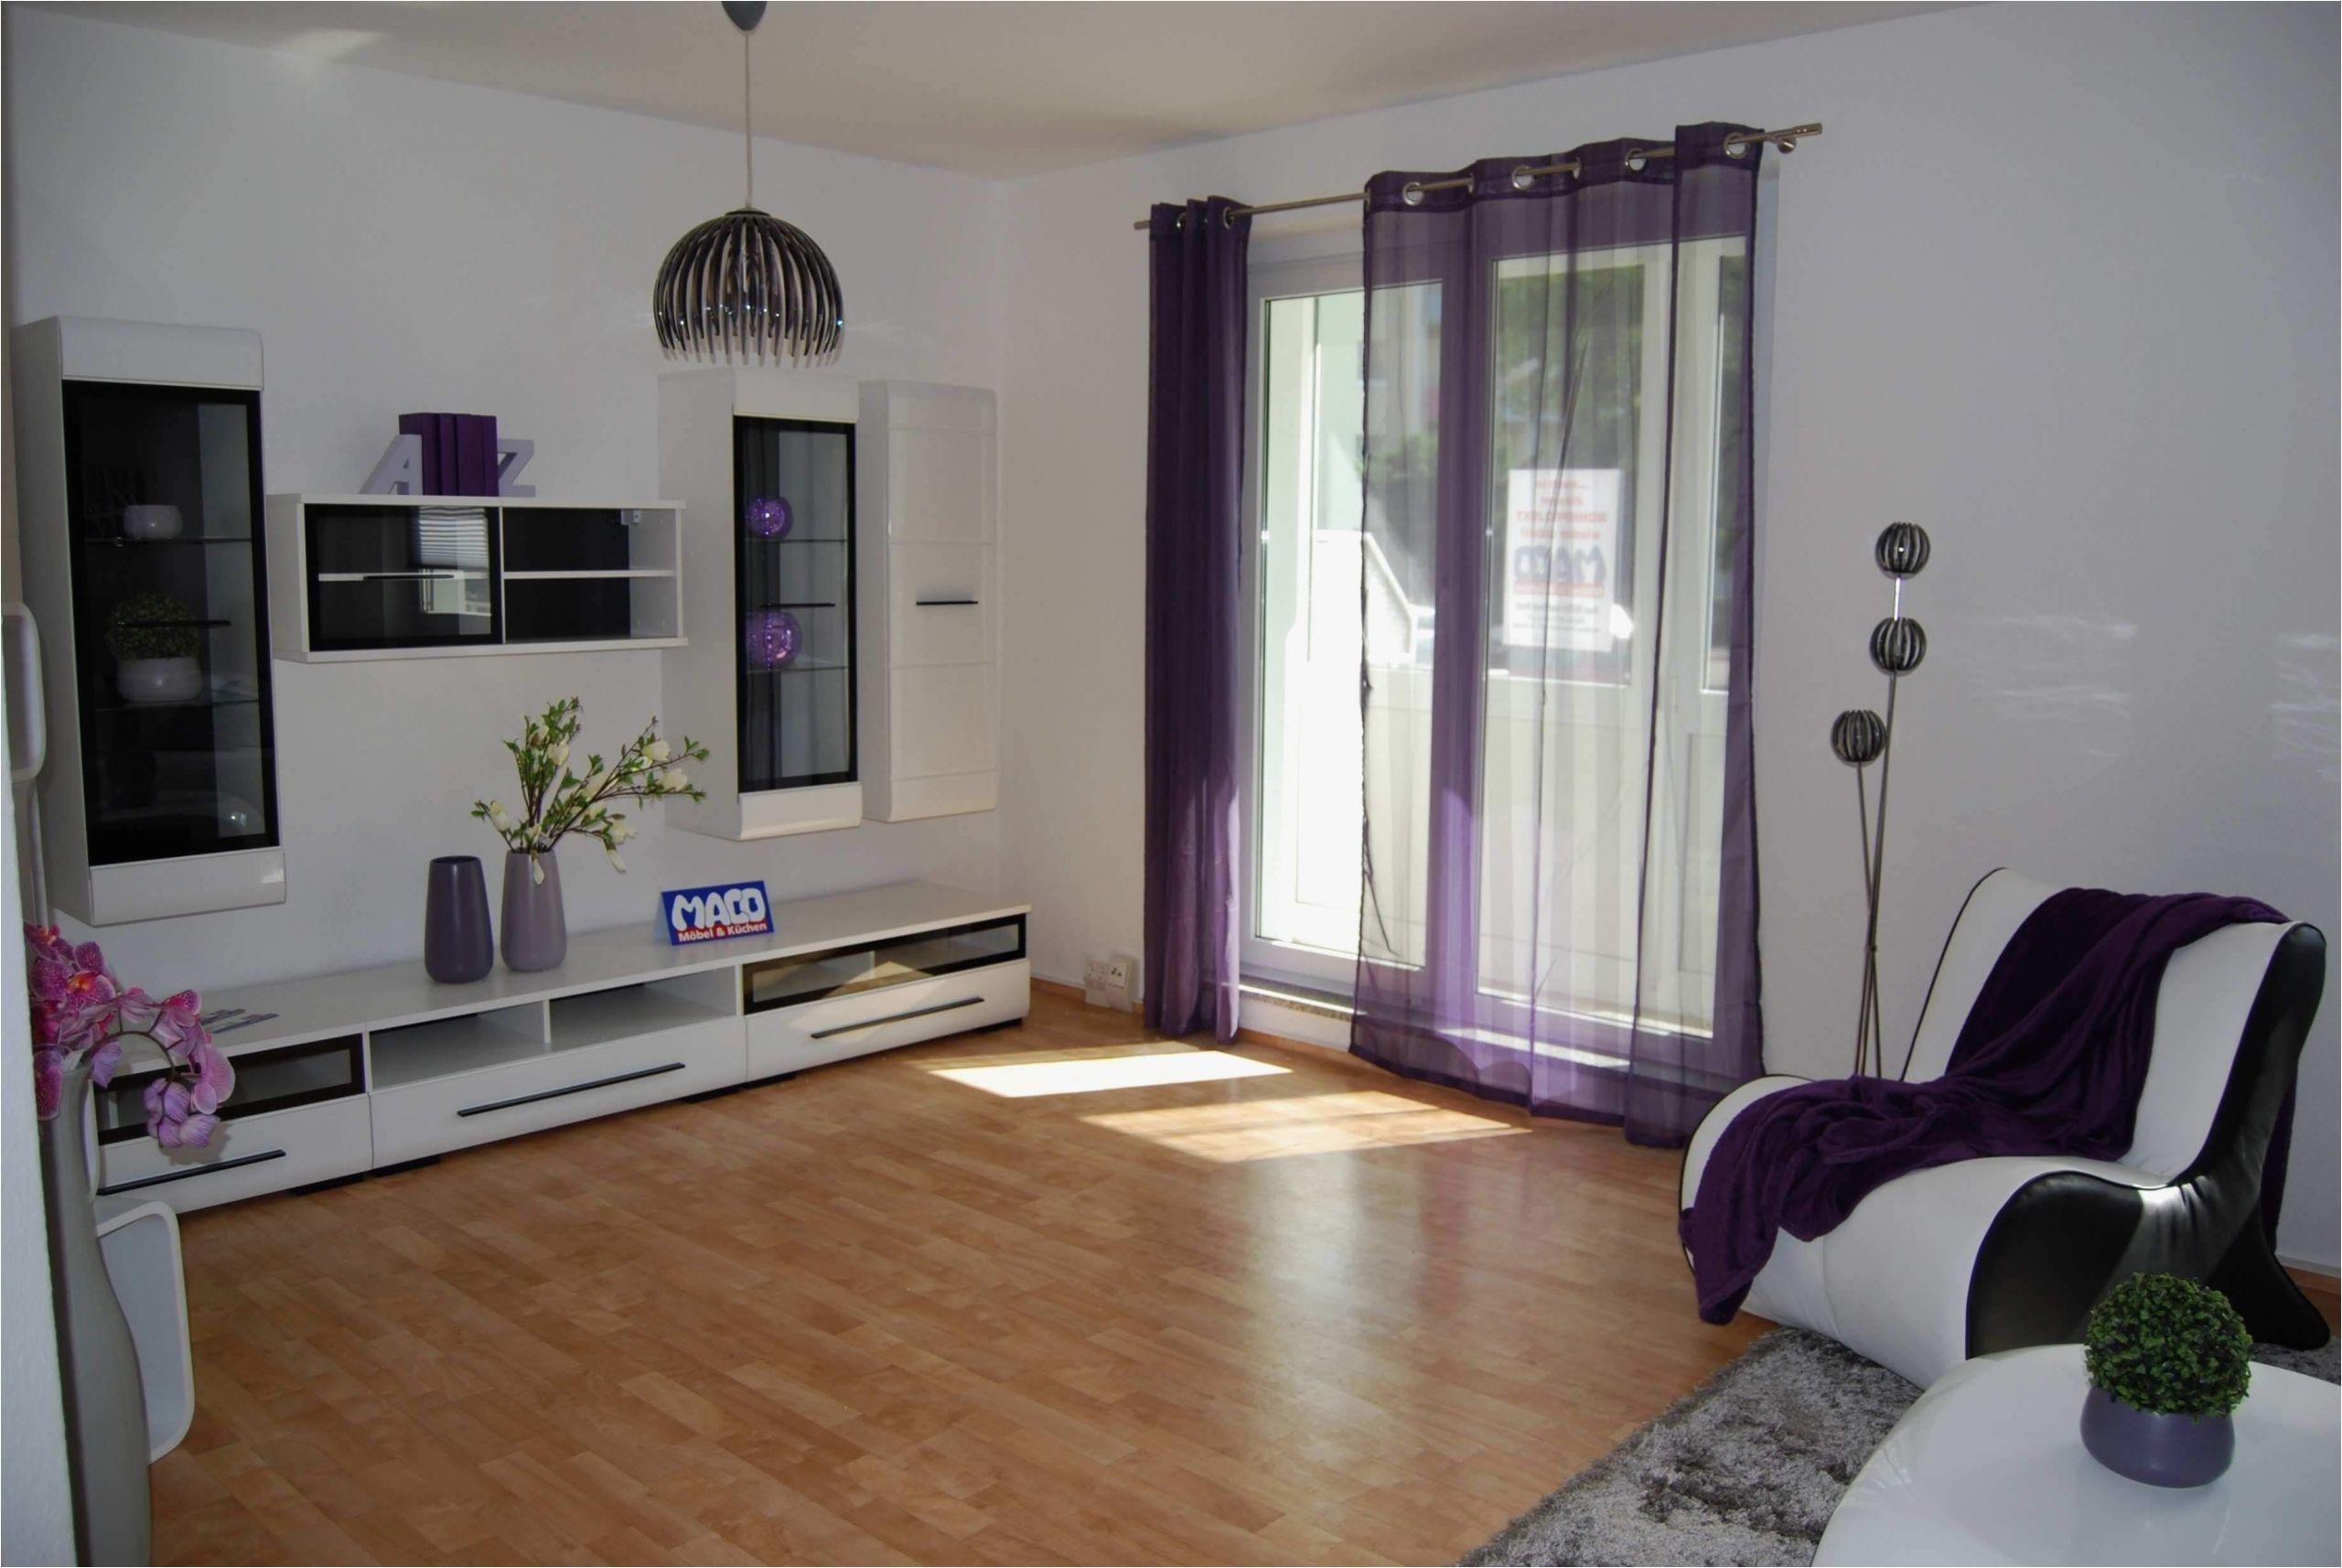 gemutliche wohnzimmer farben neu 50 luxus von wohnzimmer gemutlich modern design of gemutliche wohnzimmer farben scaled